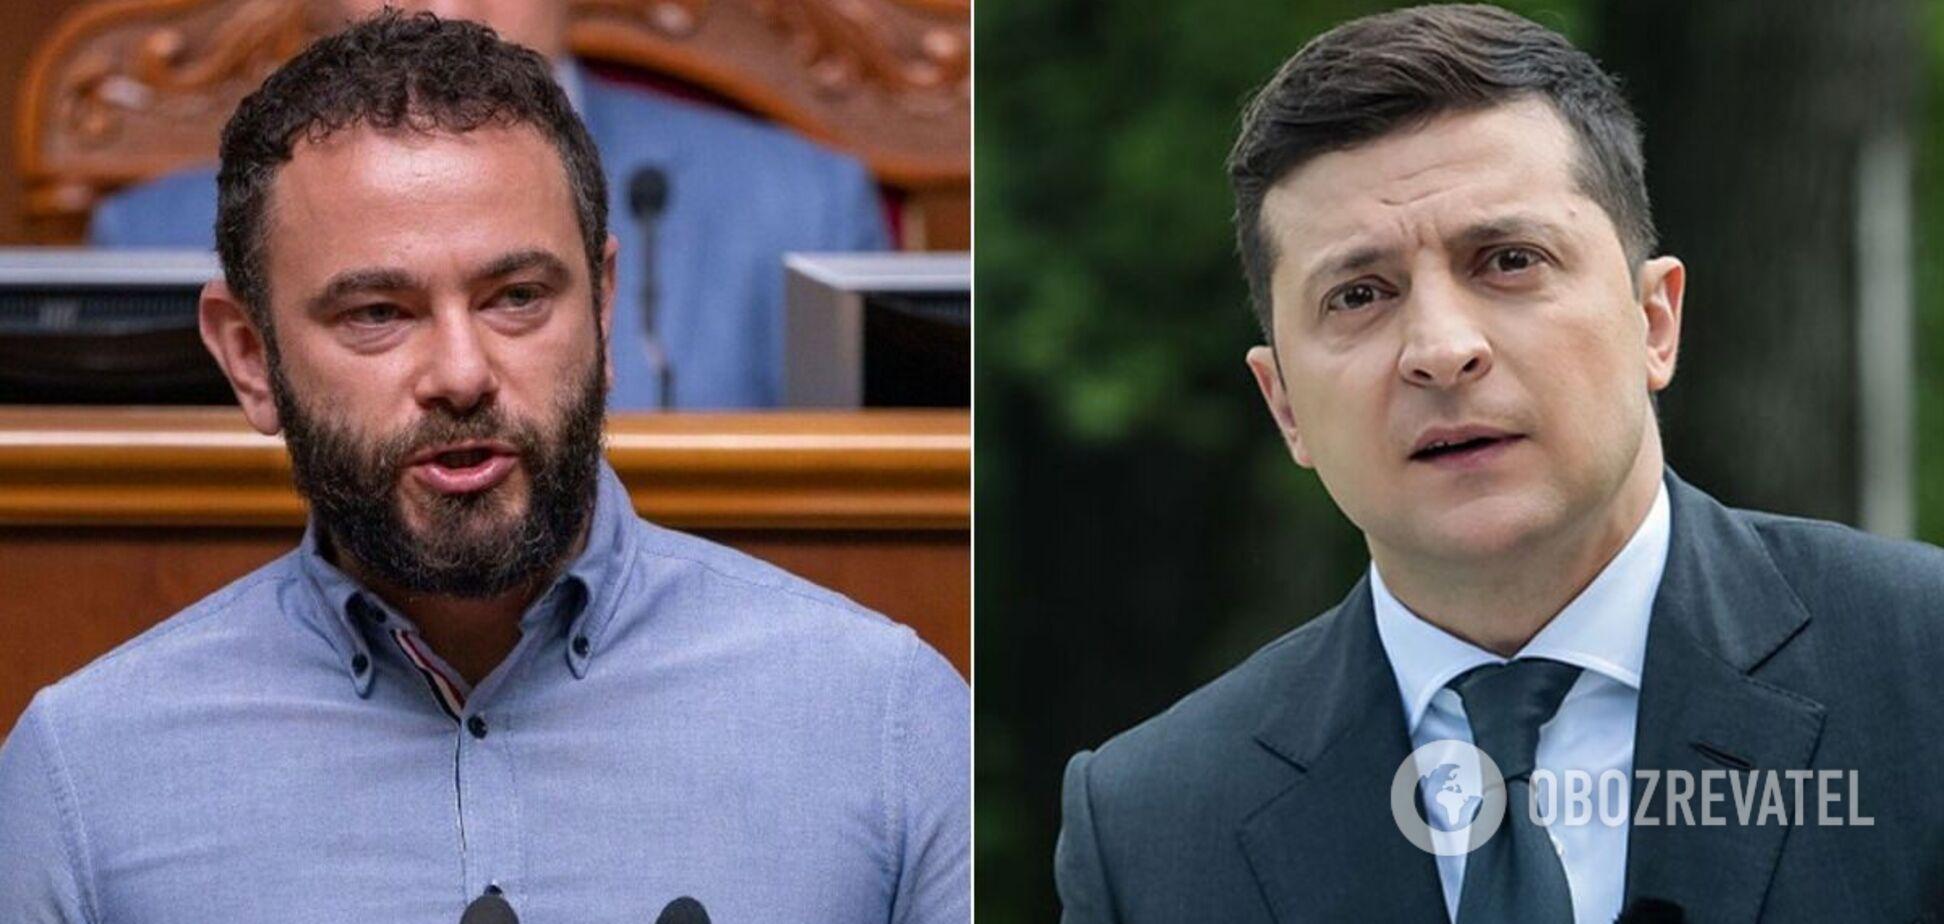 Дубинский попросил Зеленского о встрече